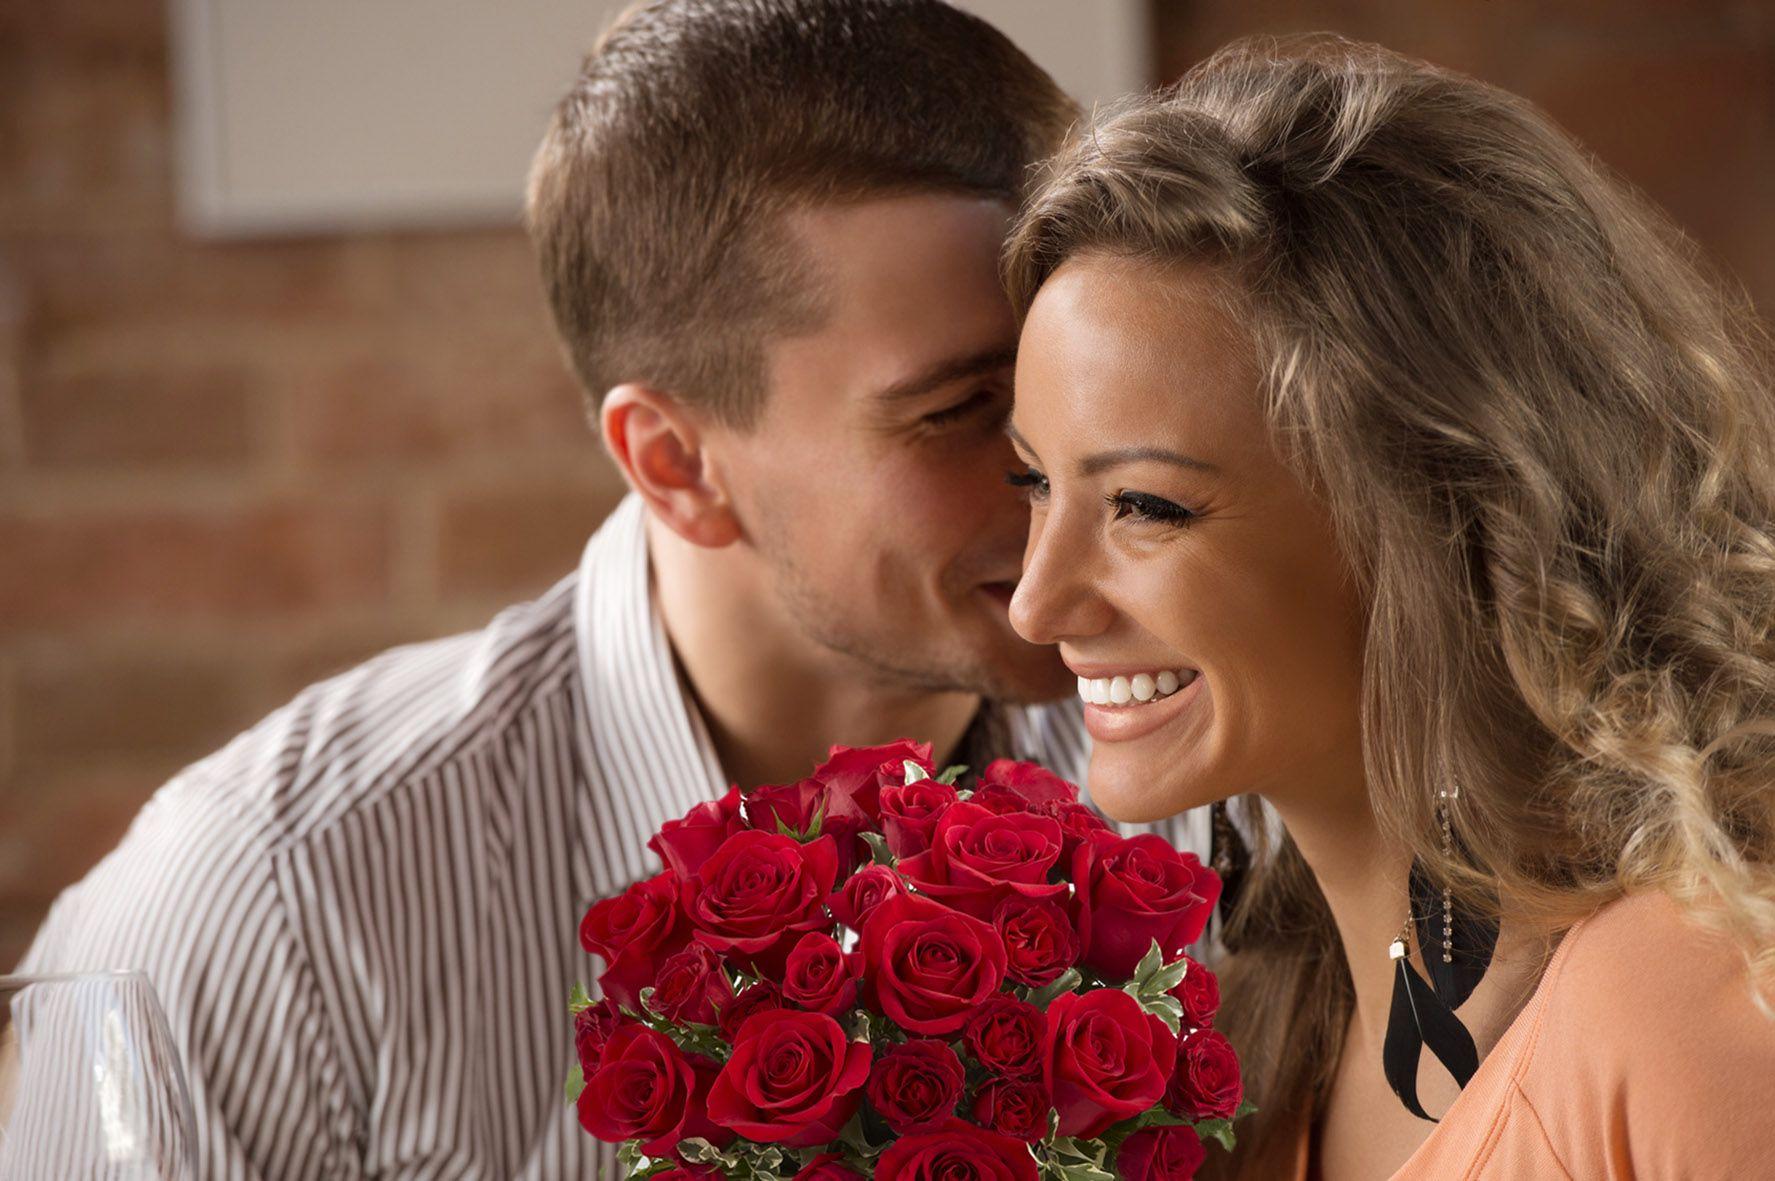 с красивые знакомства парами